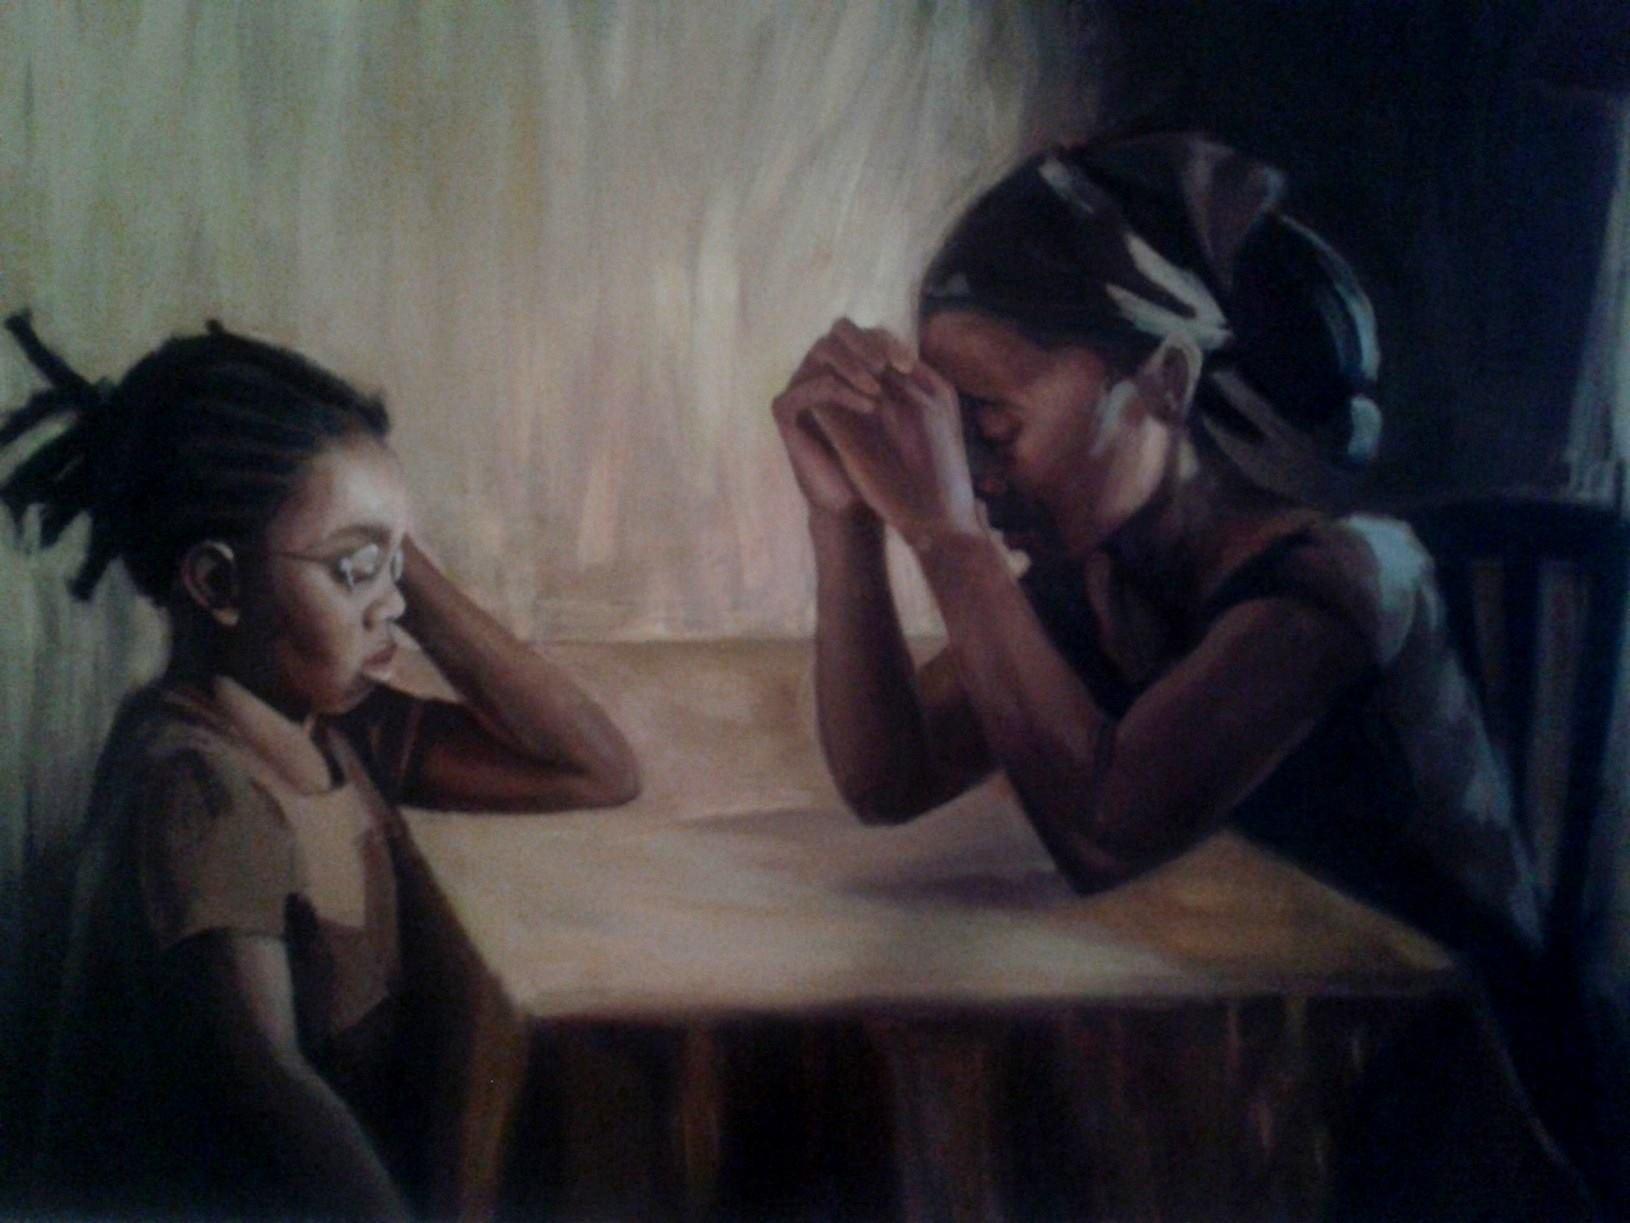 The Dinner Table Oil on Canvas 24x36